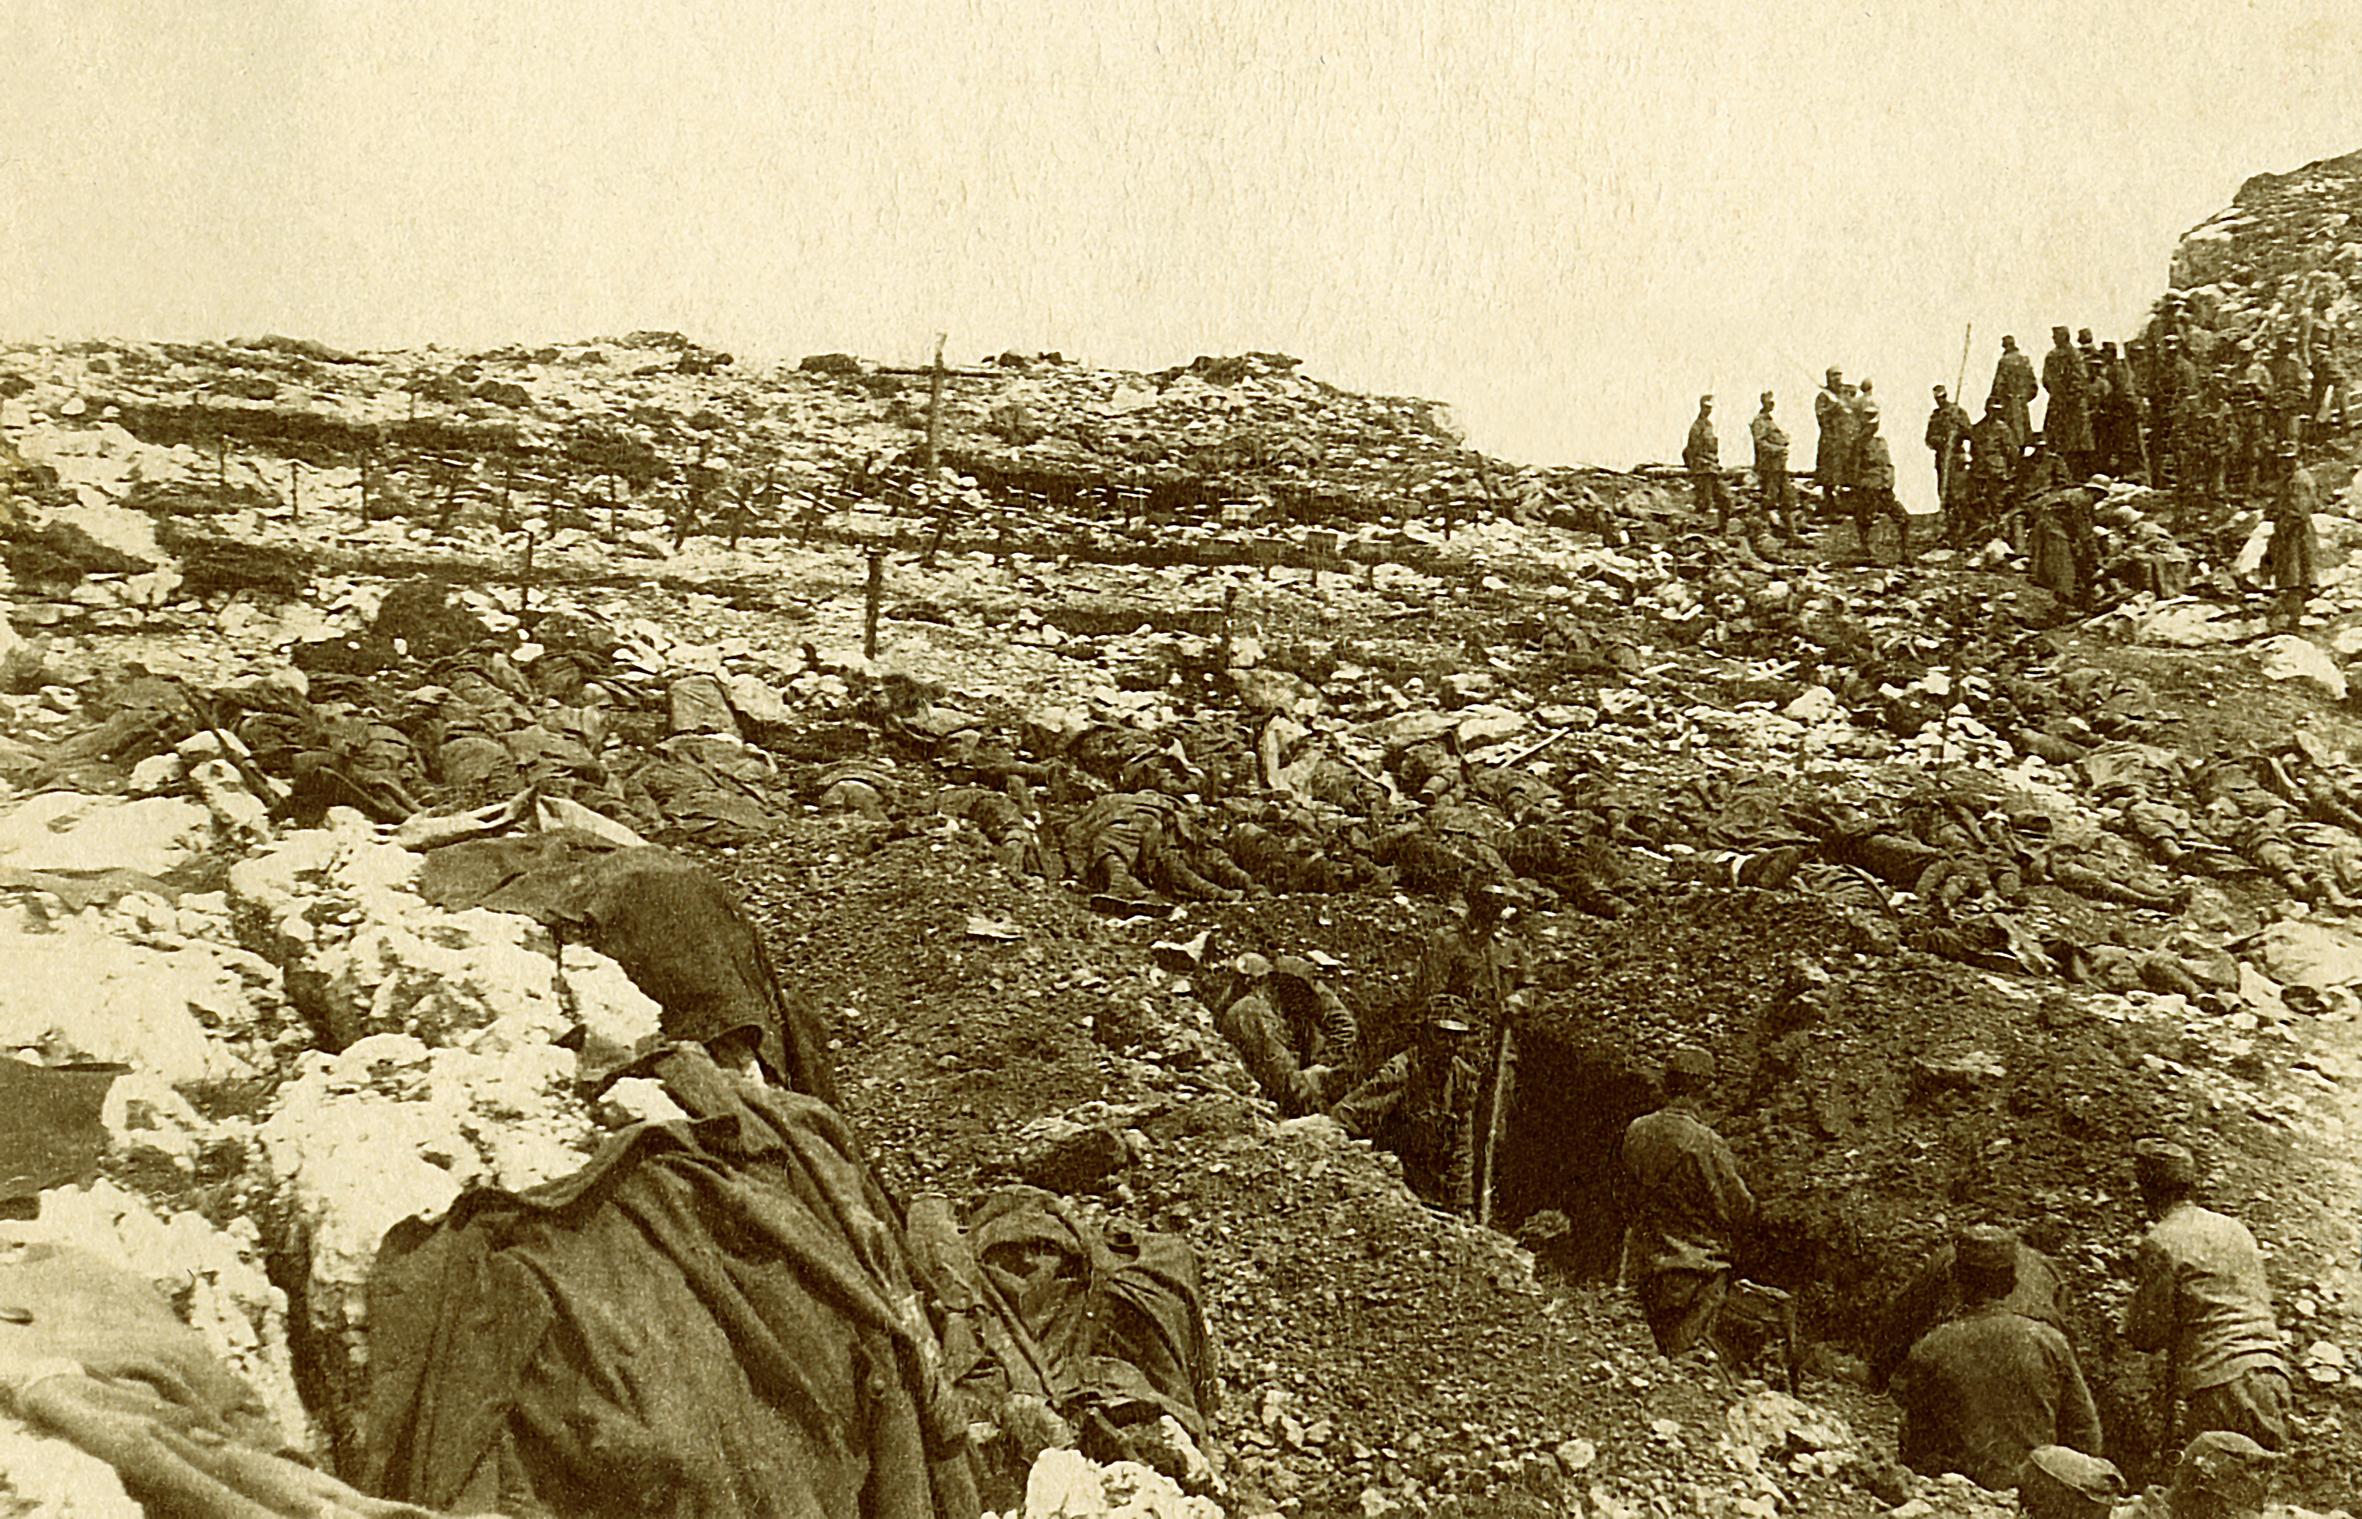 06 - fossa comune nella zona dell'Hilfsplatz di Q. 2101 dopo la battaglia - ASDM.JPG